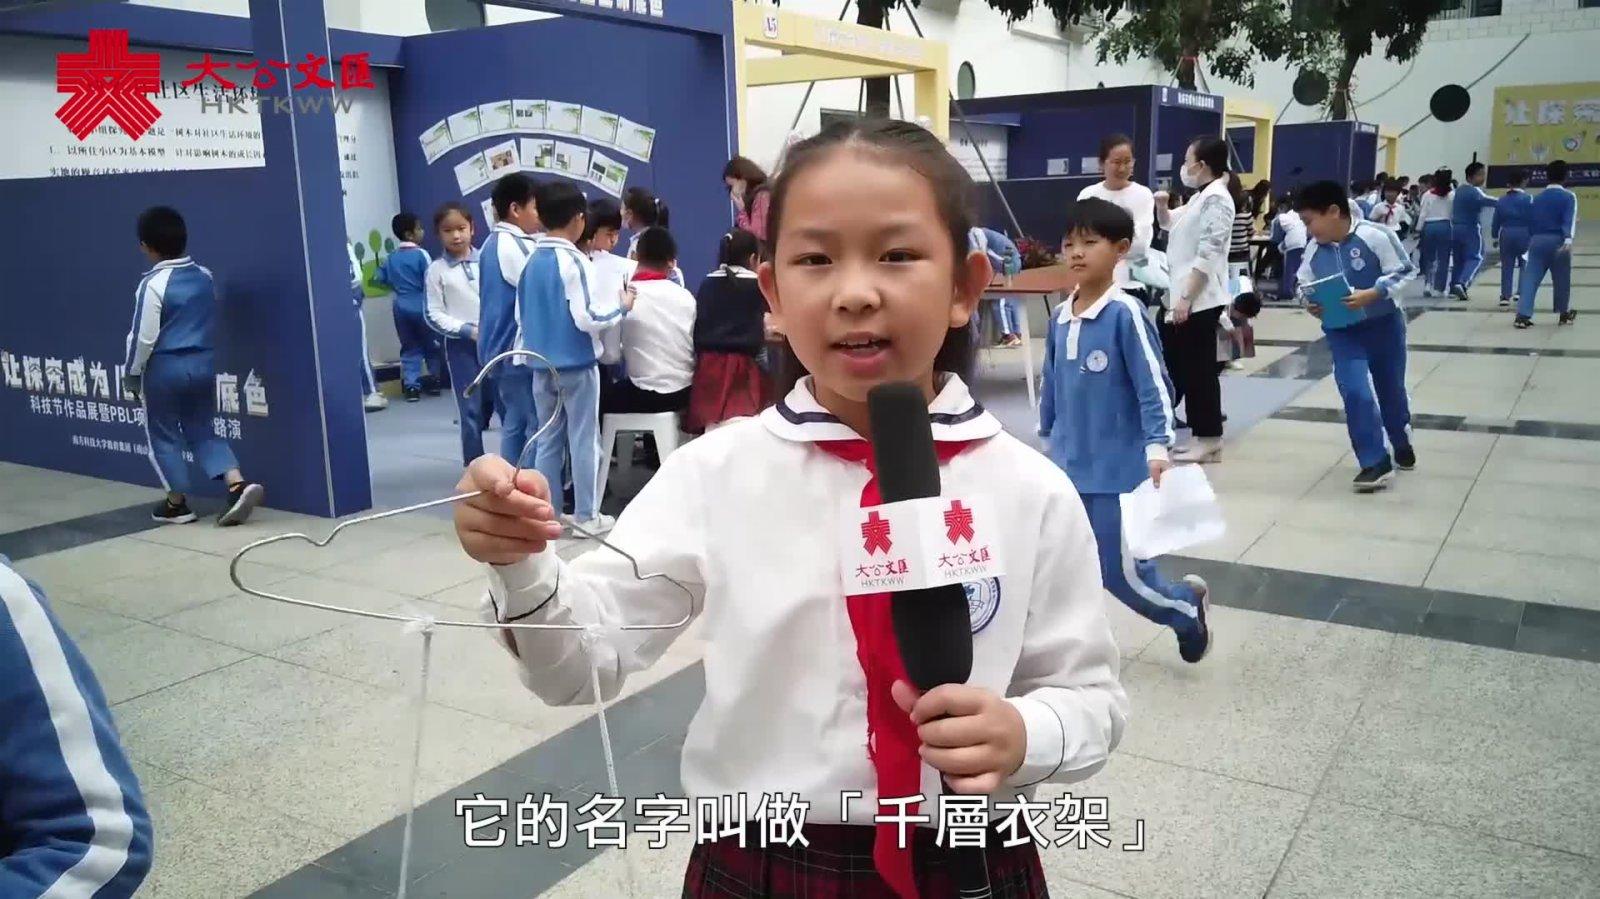 圍繞「一棵樹的價值」創新學習 深圳這間學校的學習方式亮了!